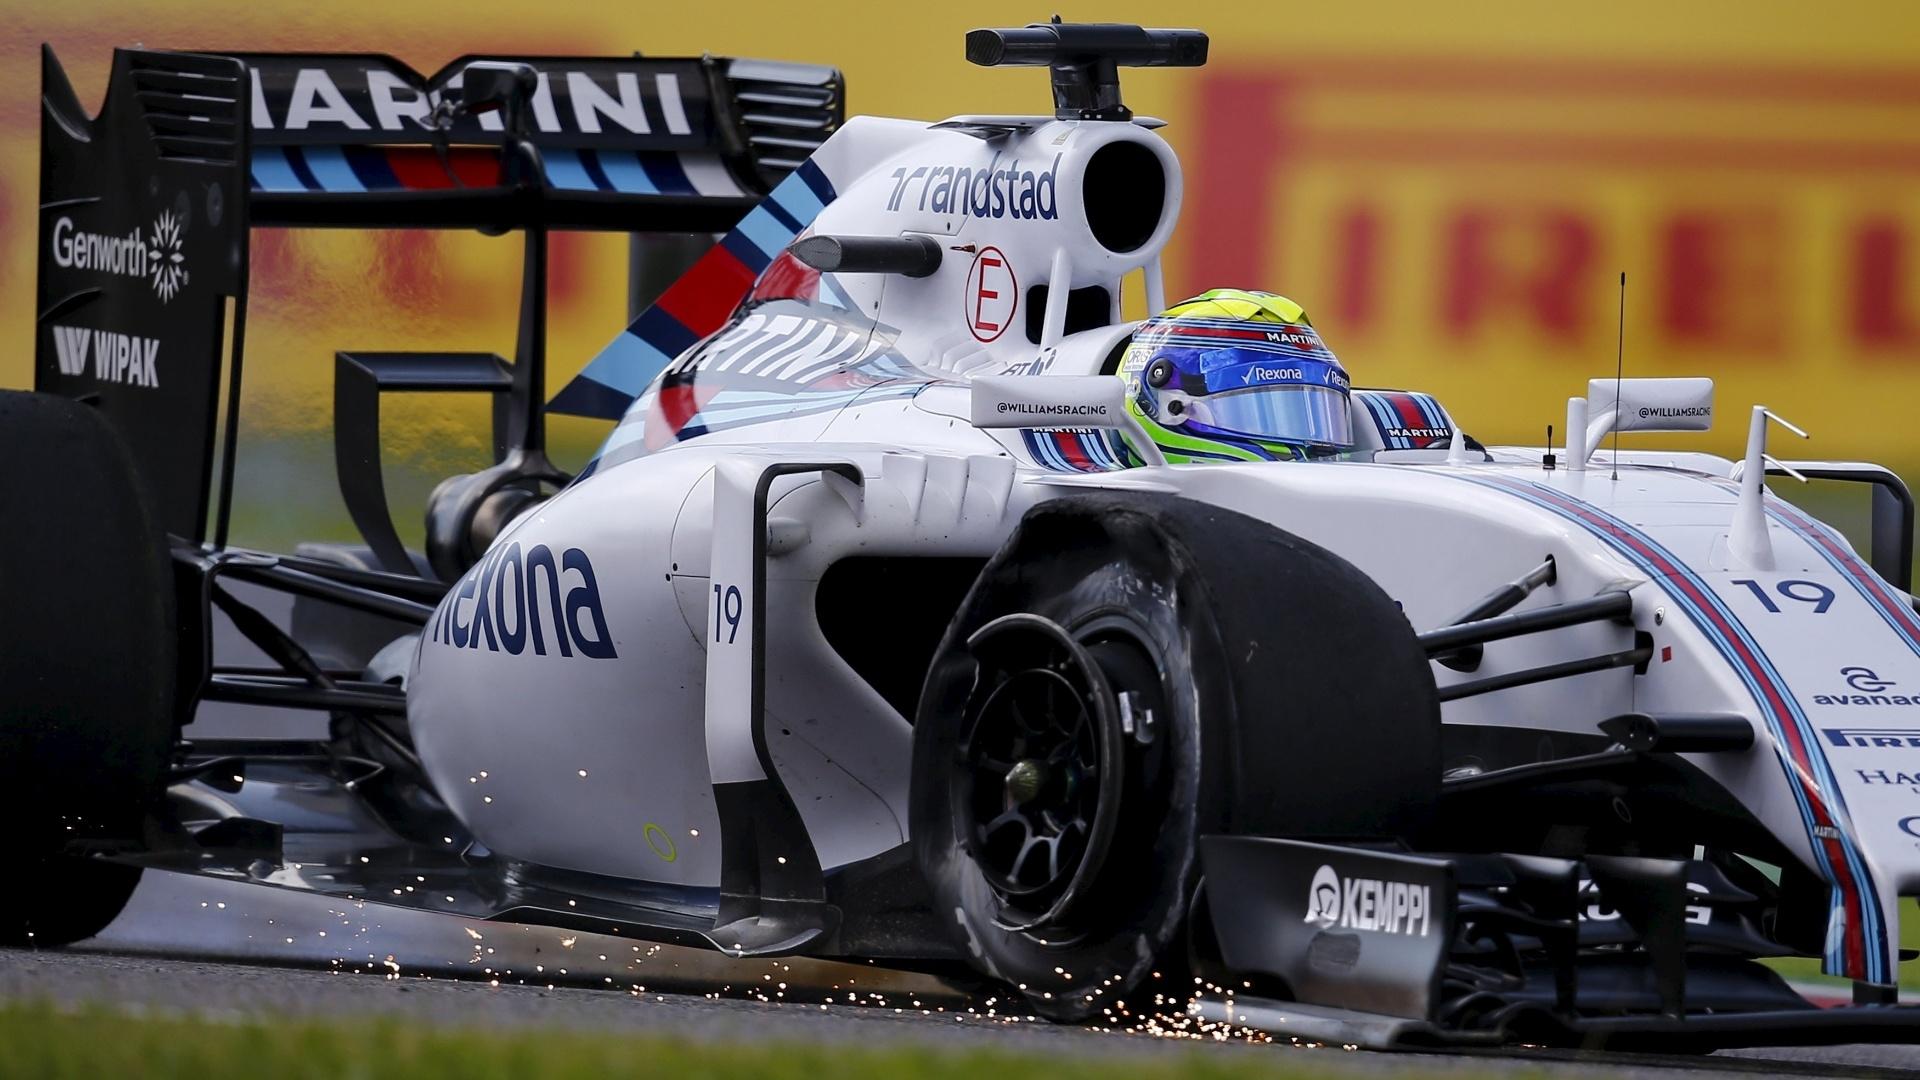 27.set.2015 - O piloto brasileiro Felipe Massa teve um dos pneus de sua Williams furado na largada do Grande Prêmio do Japão de Fórmula 1. Prejudicado, acabou chegando na 17ª colocação da prova vencida por Lewis Hamilton, que igualou as 41 vitórias de Ayrton Senna. Felipe Nasr teve problemas de aderência durante a prova e abandonou com duas voltas para o fim